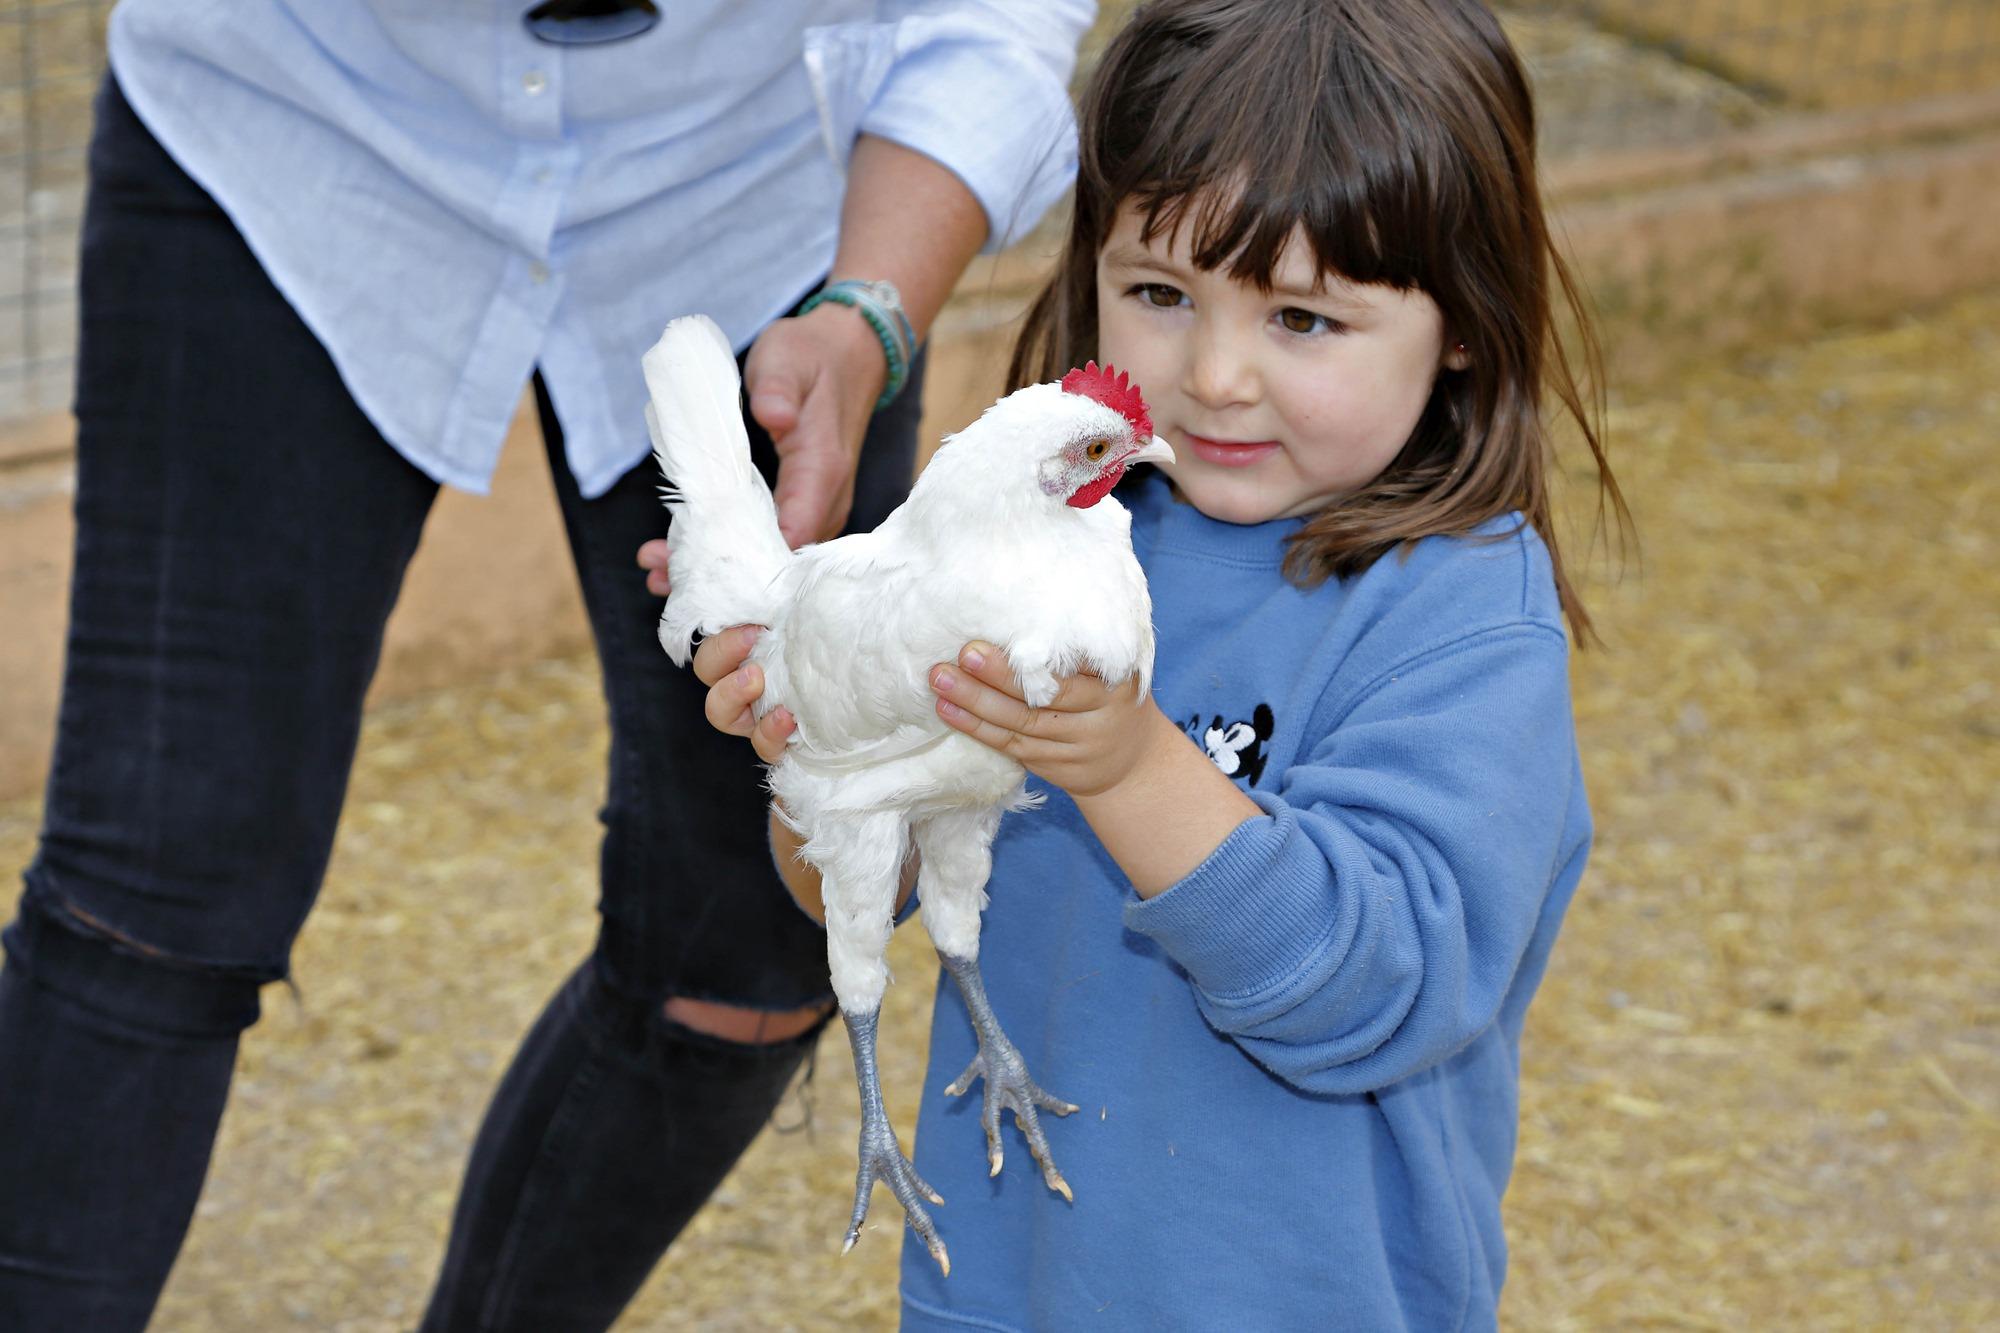 Sostener una gallina, todo un reto para niños urbanitas.